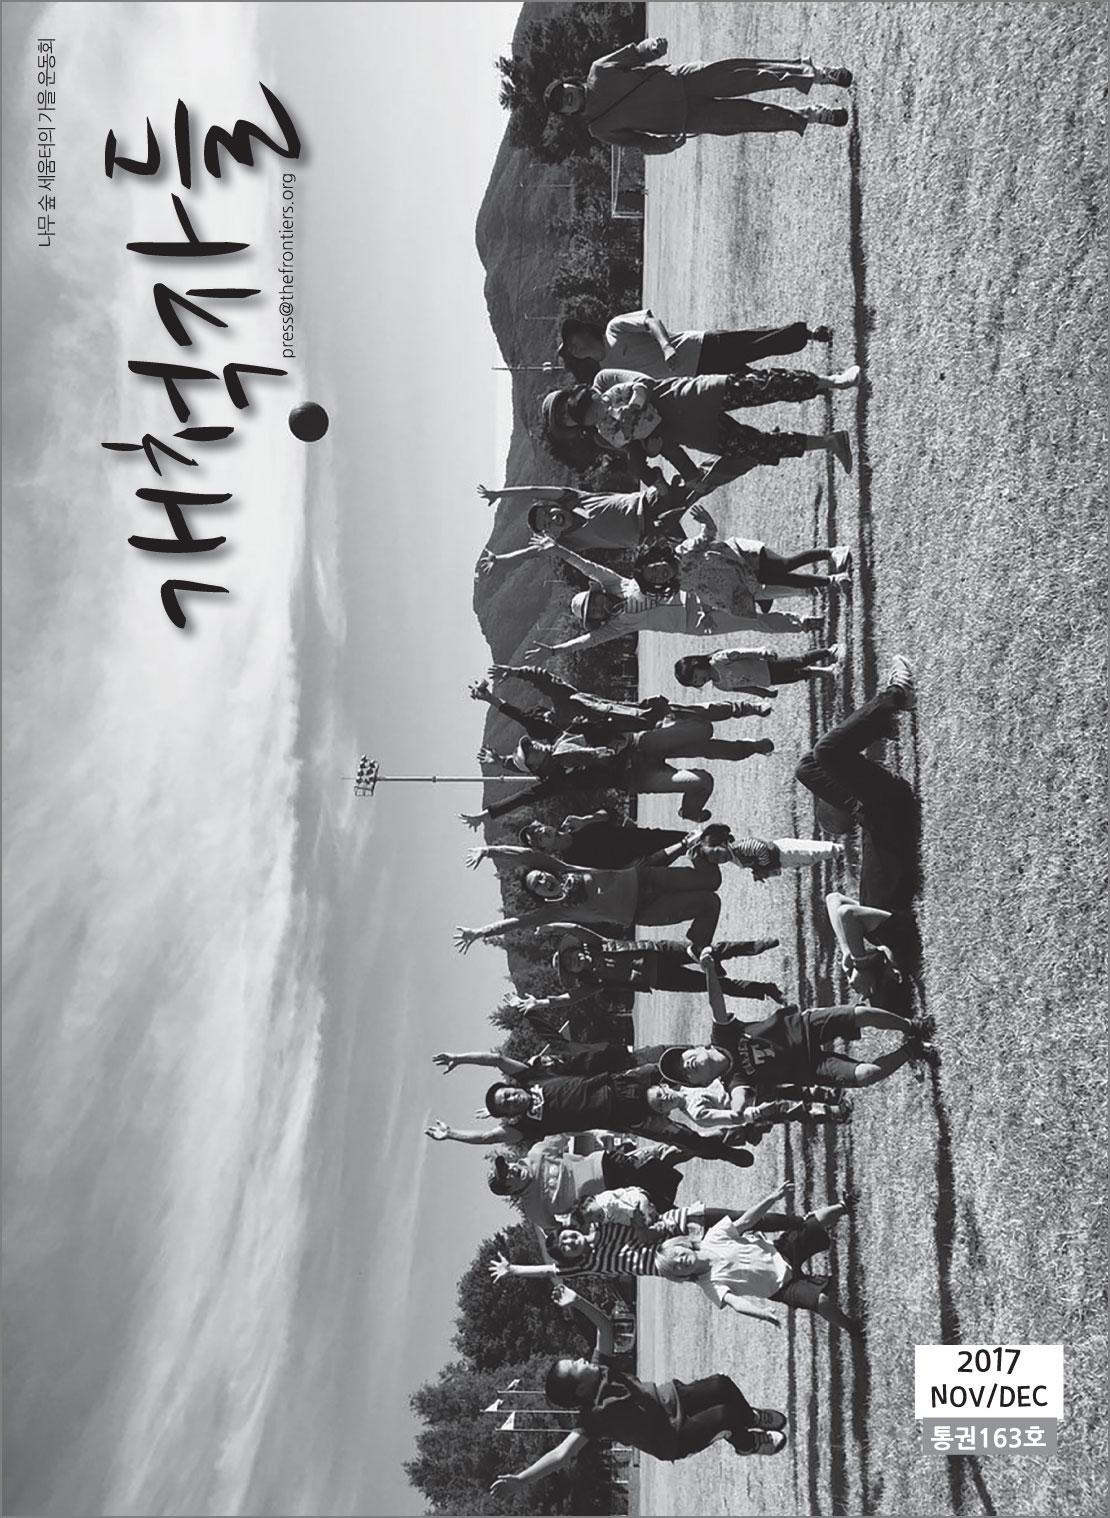 201711-12-월간개척자들웹진-.jpg